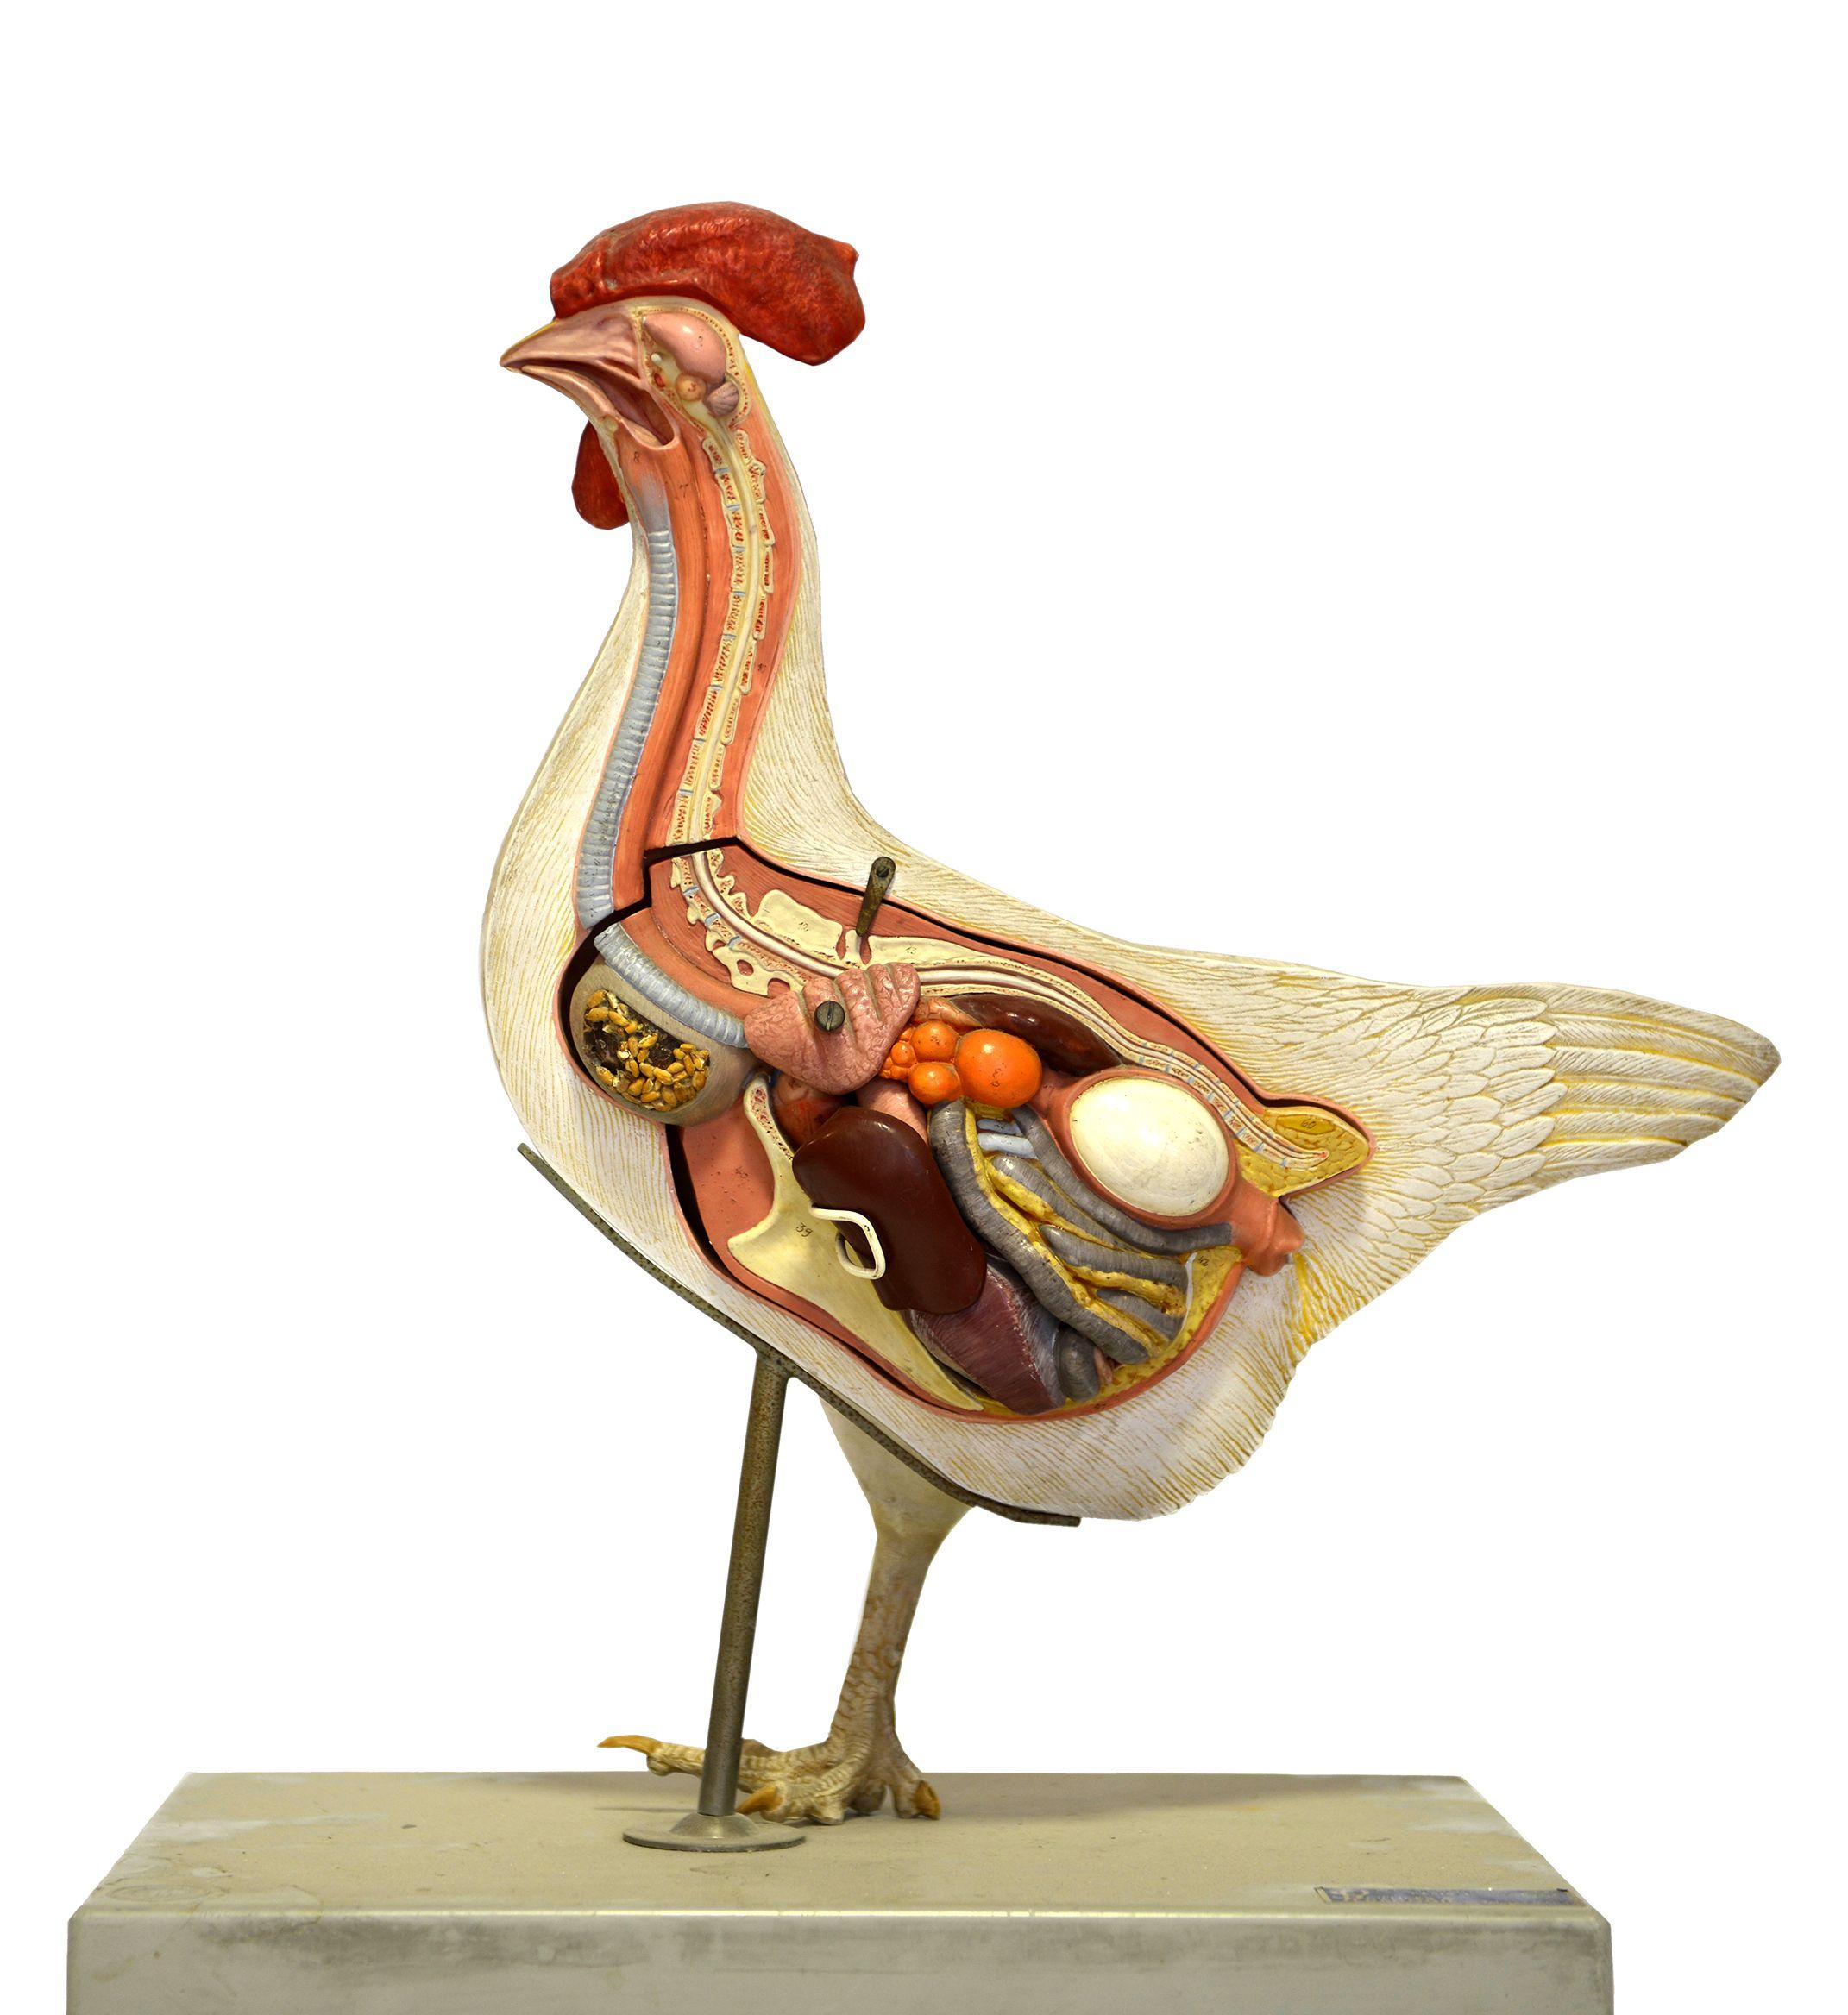 Anatomie Poule maquette pour l'enseignement de l'anatomie de la poule, vers 1950